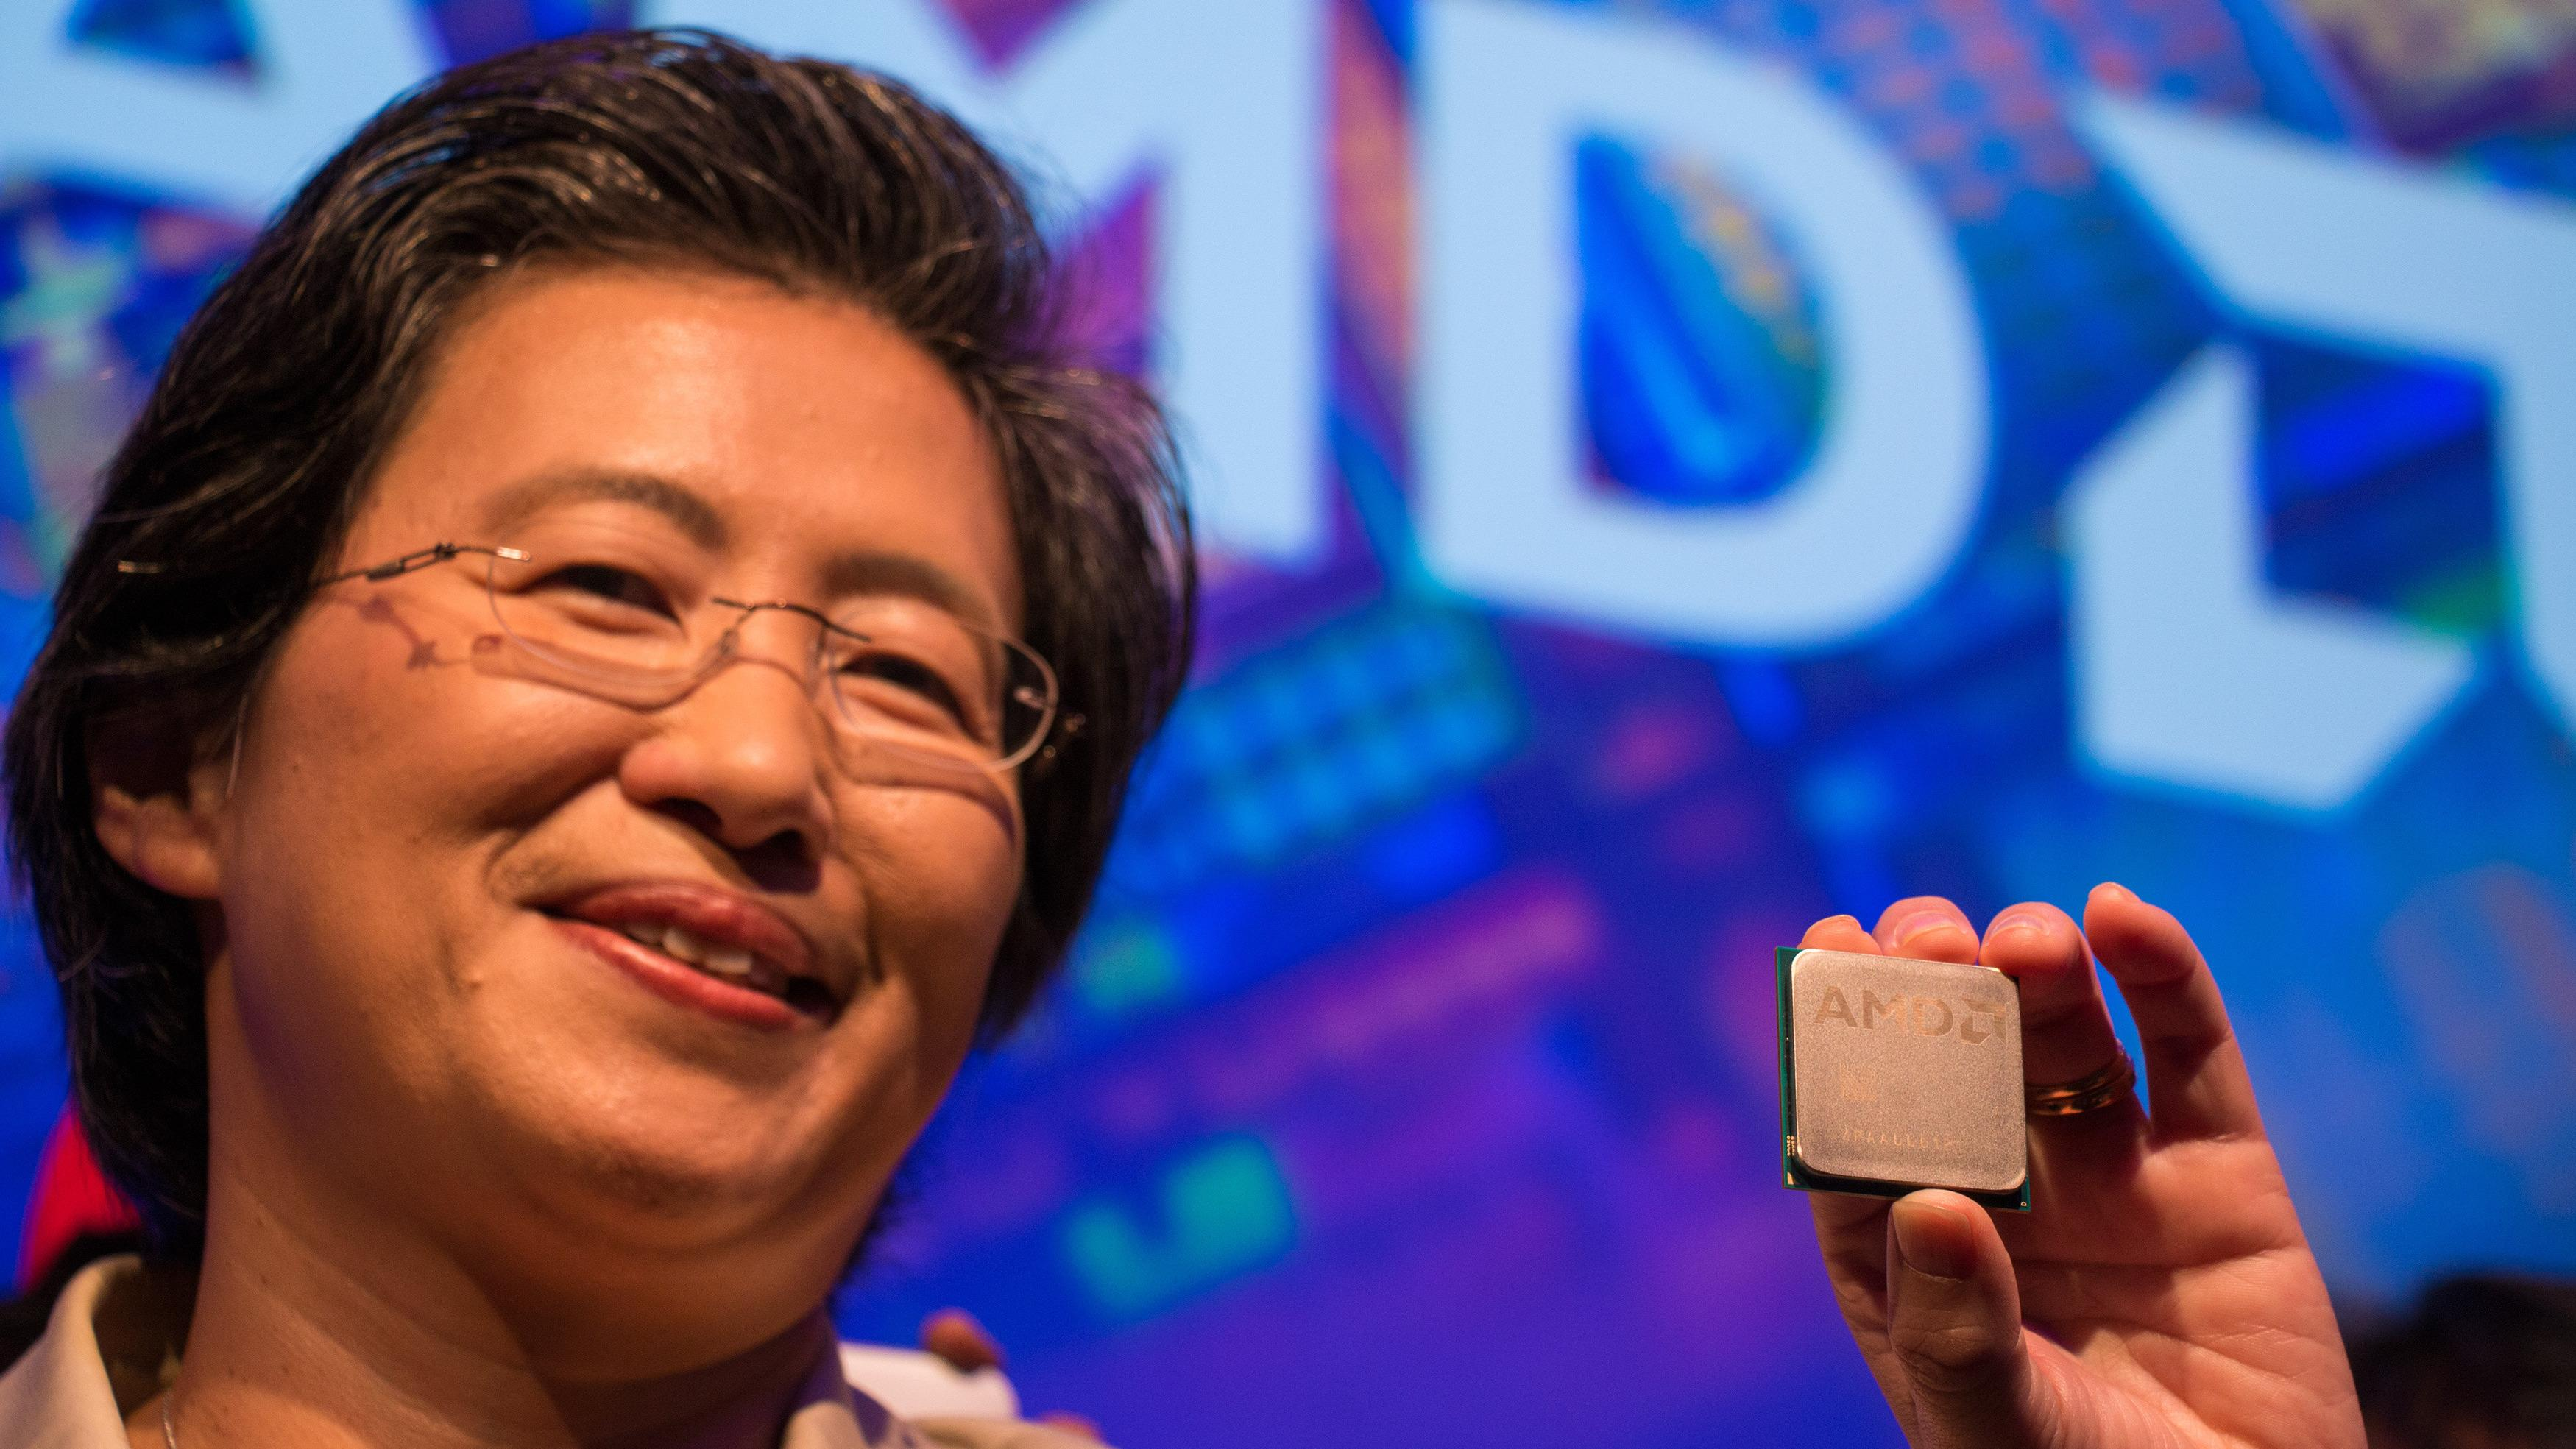 AMDs nye prosessor kan føre til priskrig i 2017